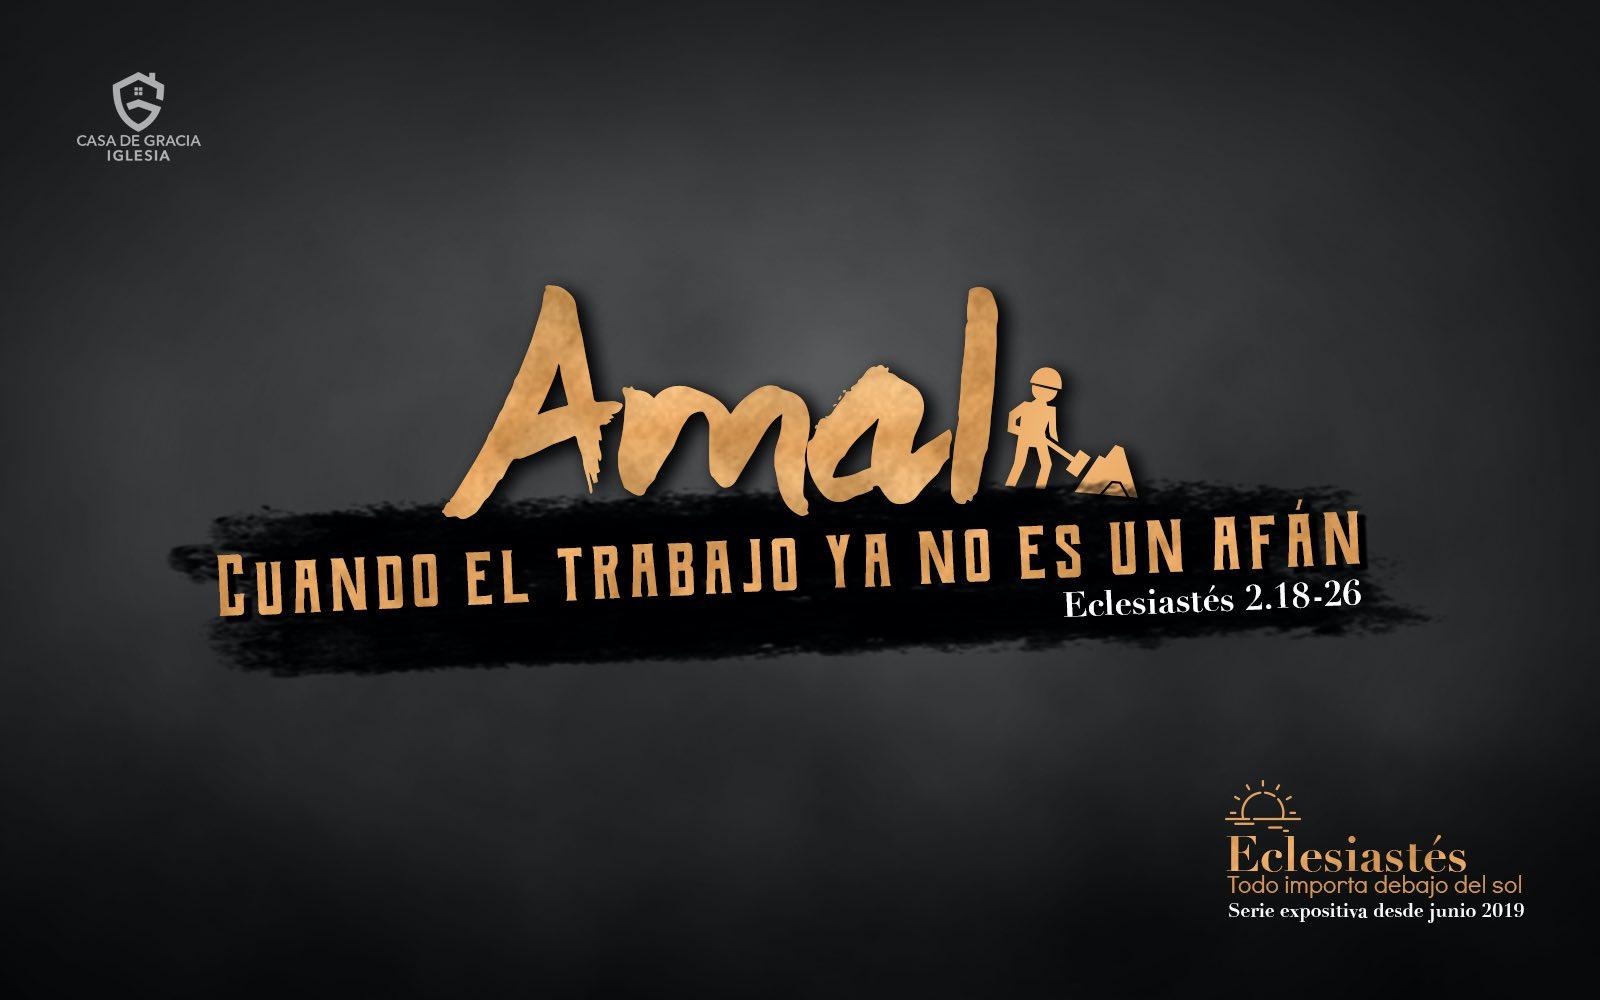 Amal: Cuando el trabajo ya no es un afán - Iglesia Casa de Gracia